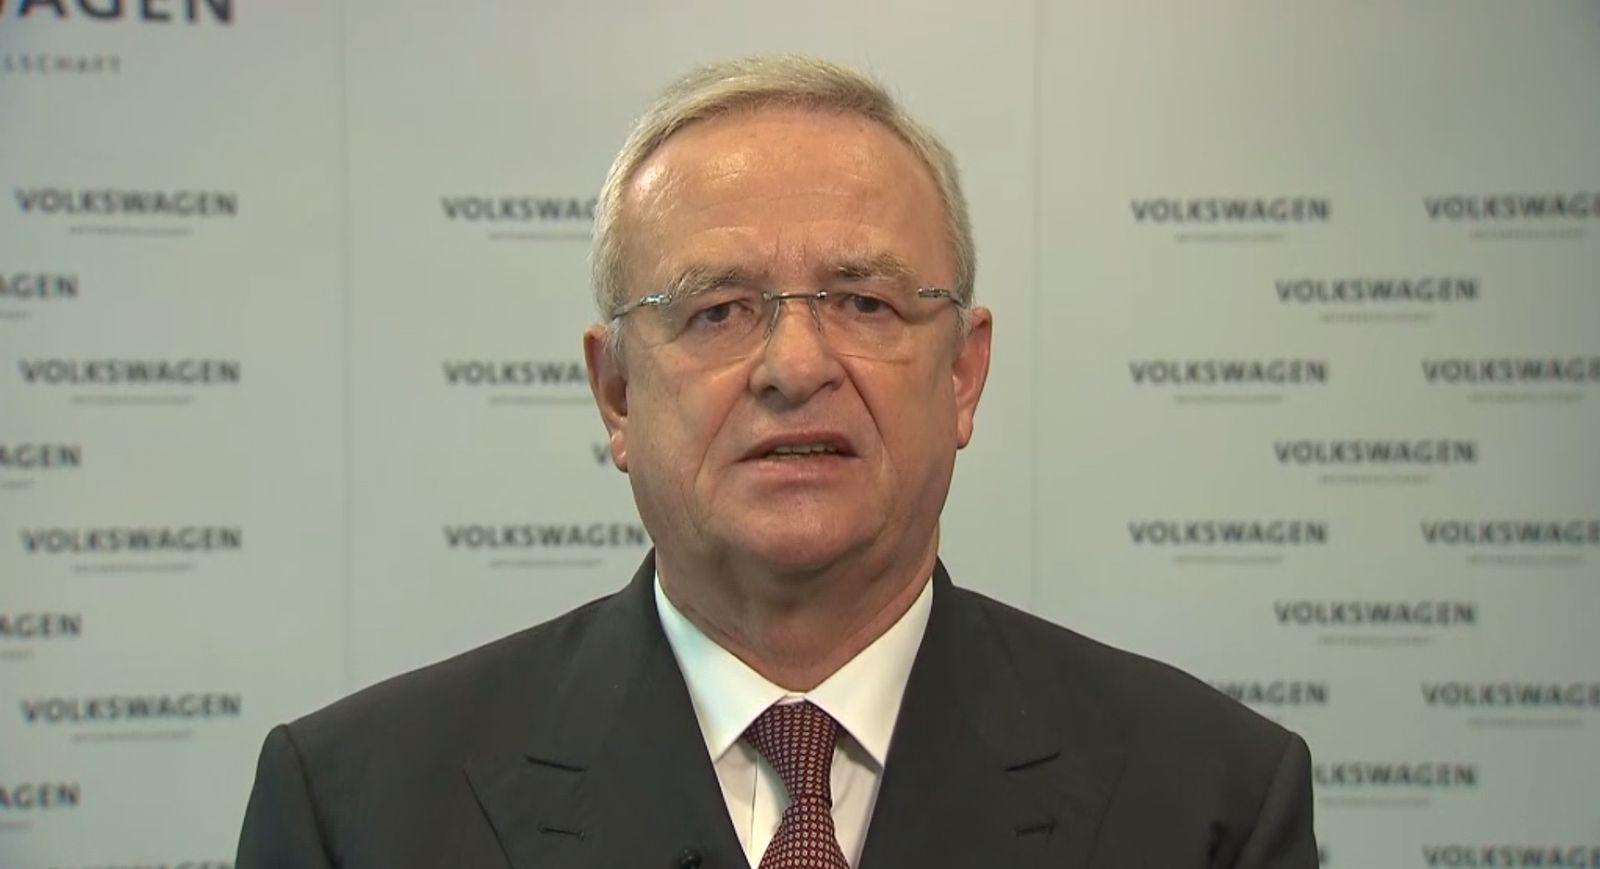 Videostartbild Martin Winterkorn